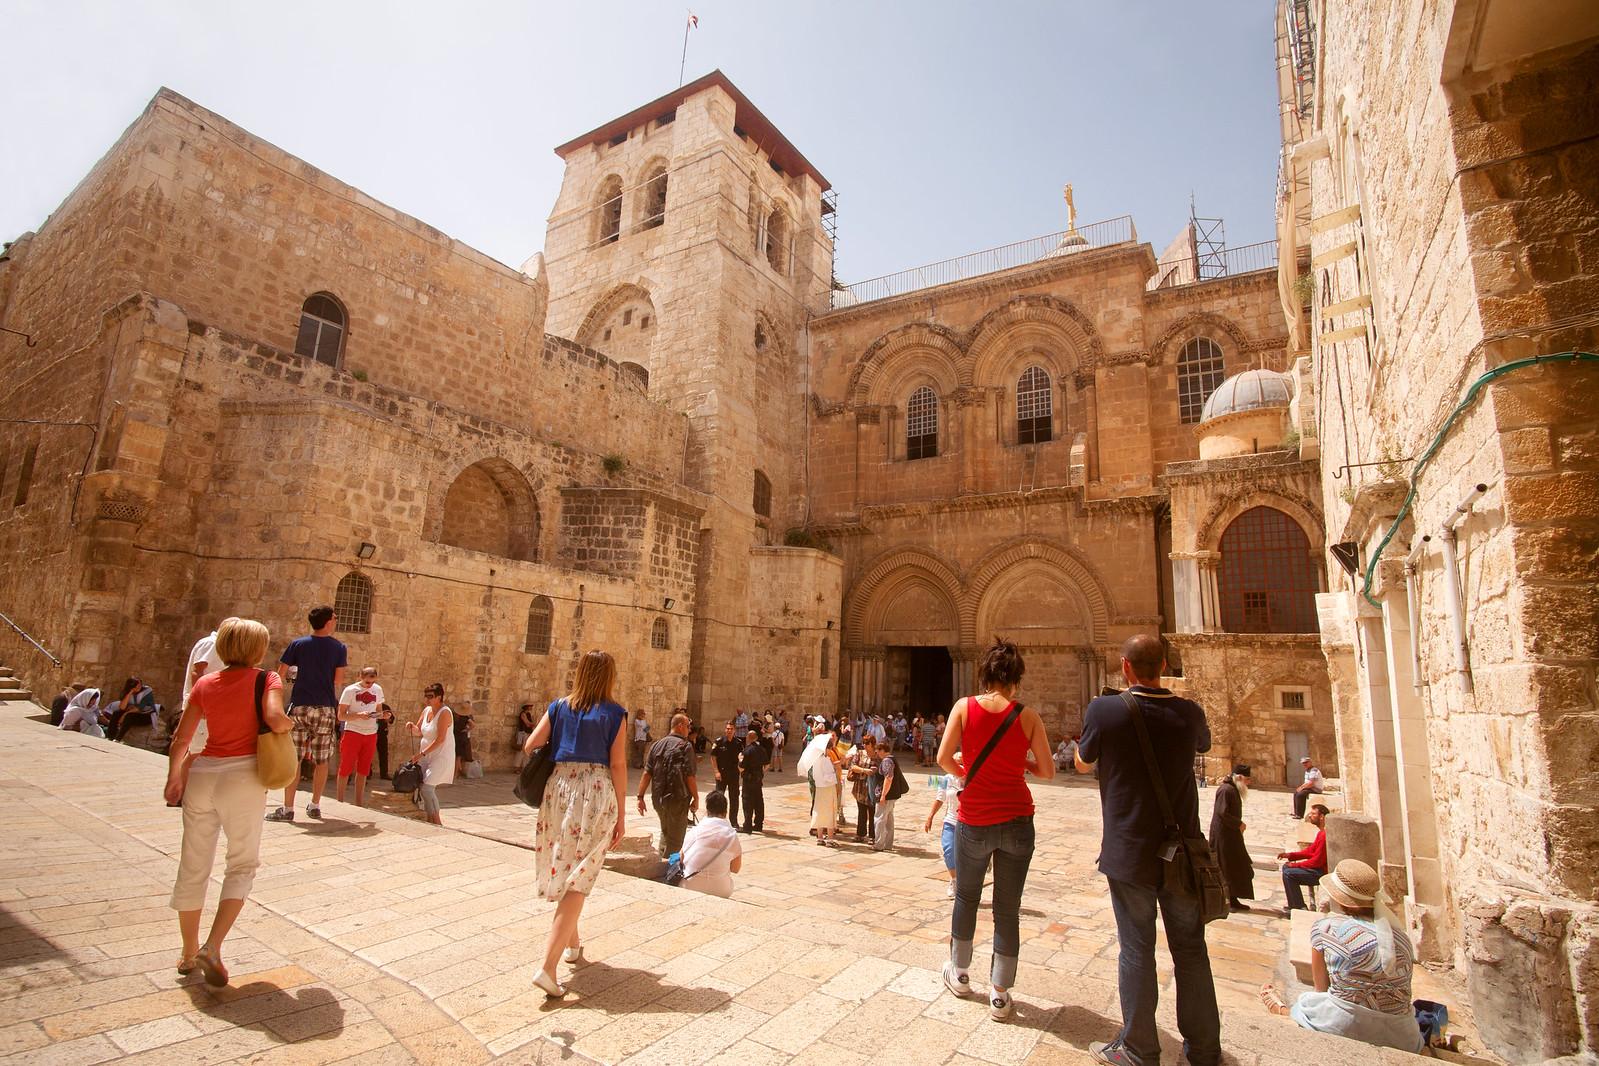 Jerusalem_Holy Sepulcher_2_Noam Chen_IMOT